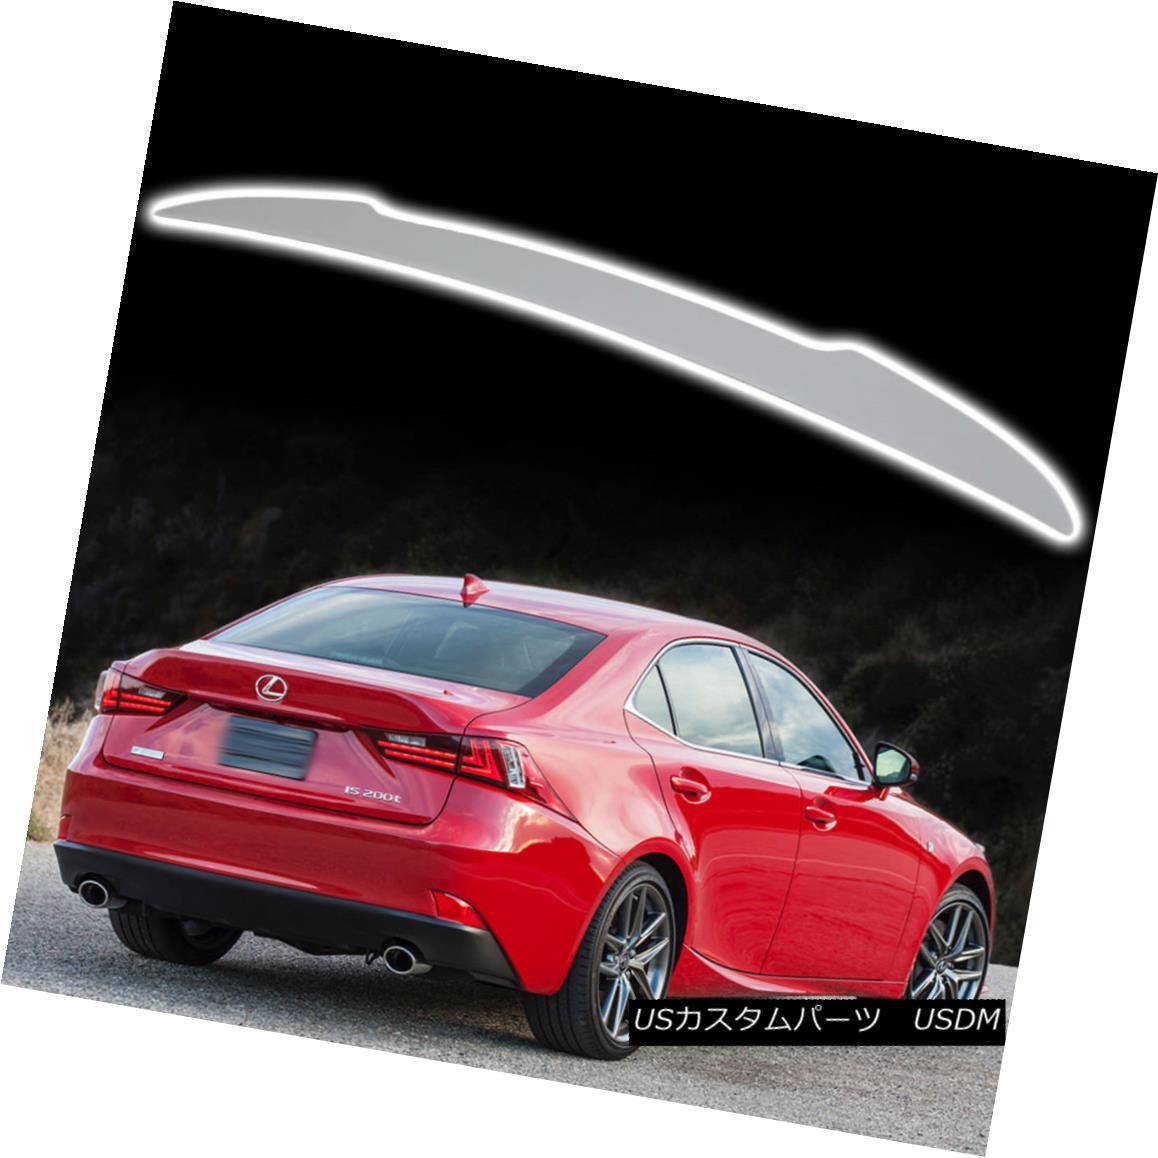 エアロパーツ IS250 IS350 IS F Sedan For Lexus 14-18 D Style Painted Color Trunk Spoiler IS250 IS350 ISセダンレクサス14-18 Dスタイル塗装カラートランクスポイラー